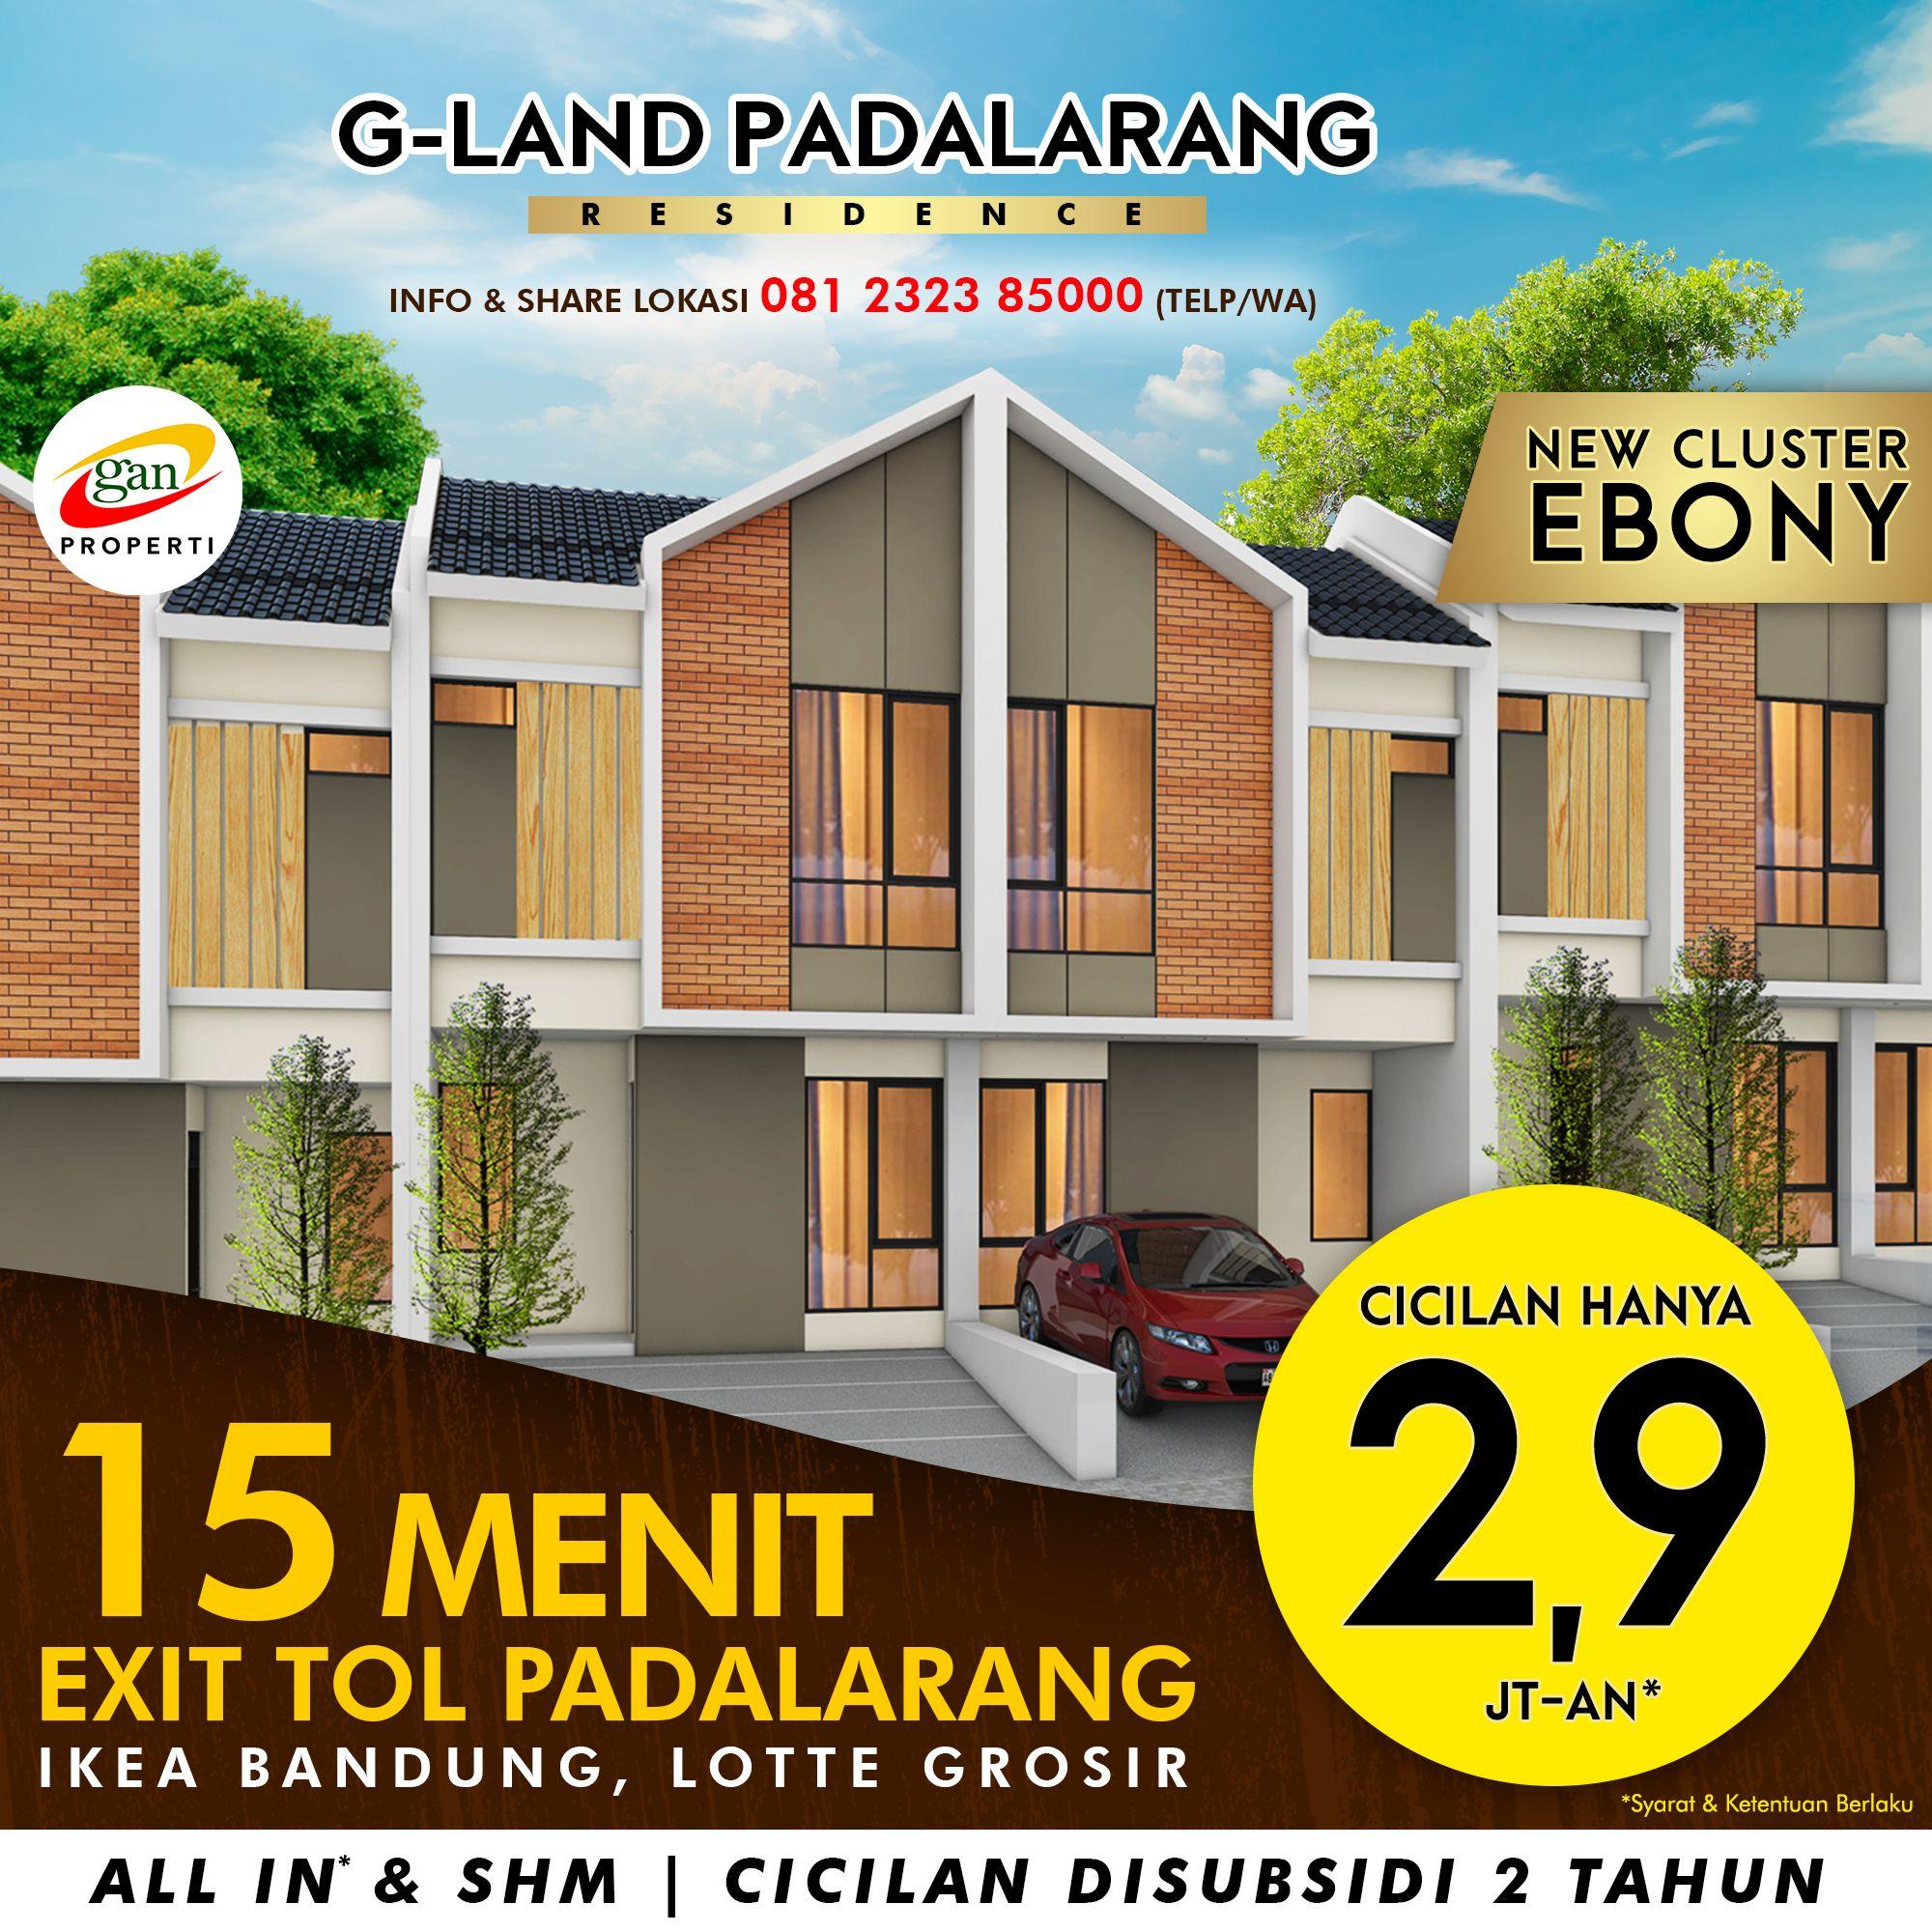 Rumah 2 Lantai Harga Murah Terjangkau Cicilan Ringan Di Bandung Barat Padalarang Jayamekar Dekorasi Luar Ruangan Rumah Rumah Baru